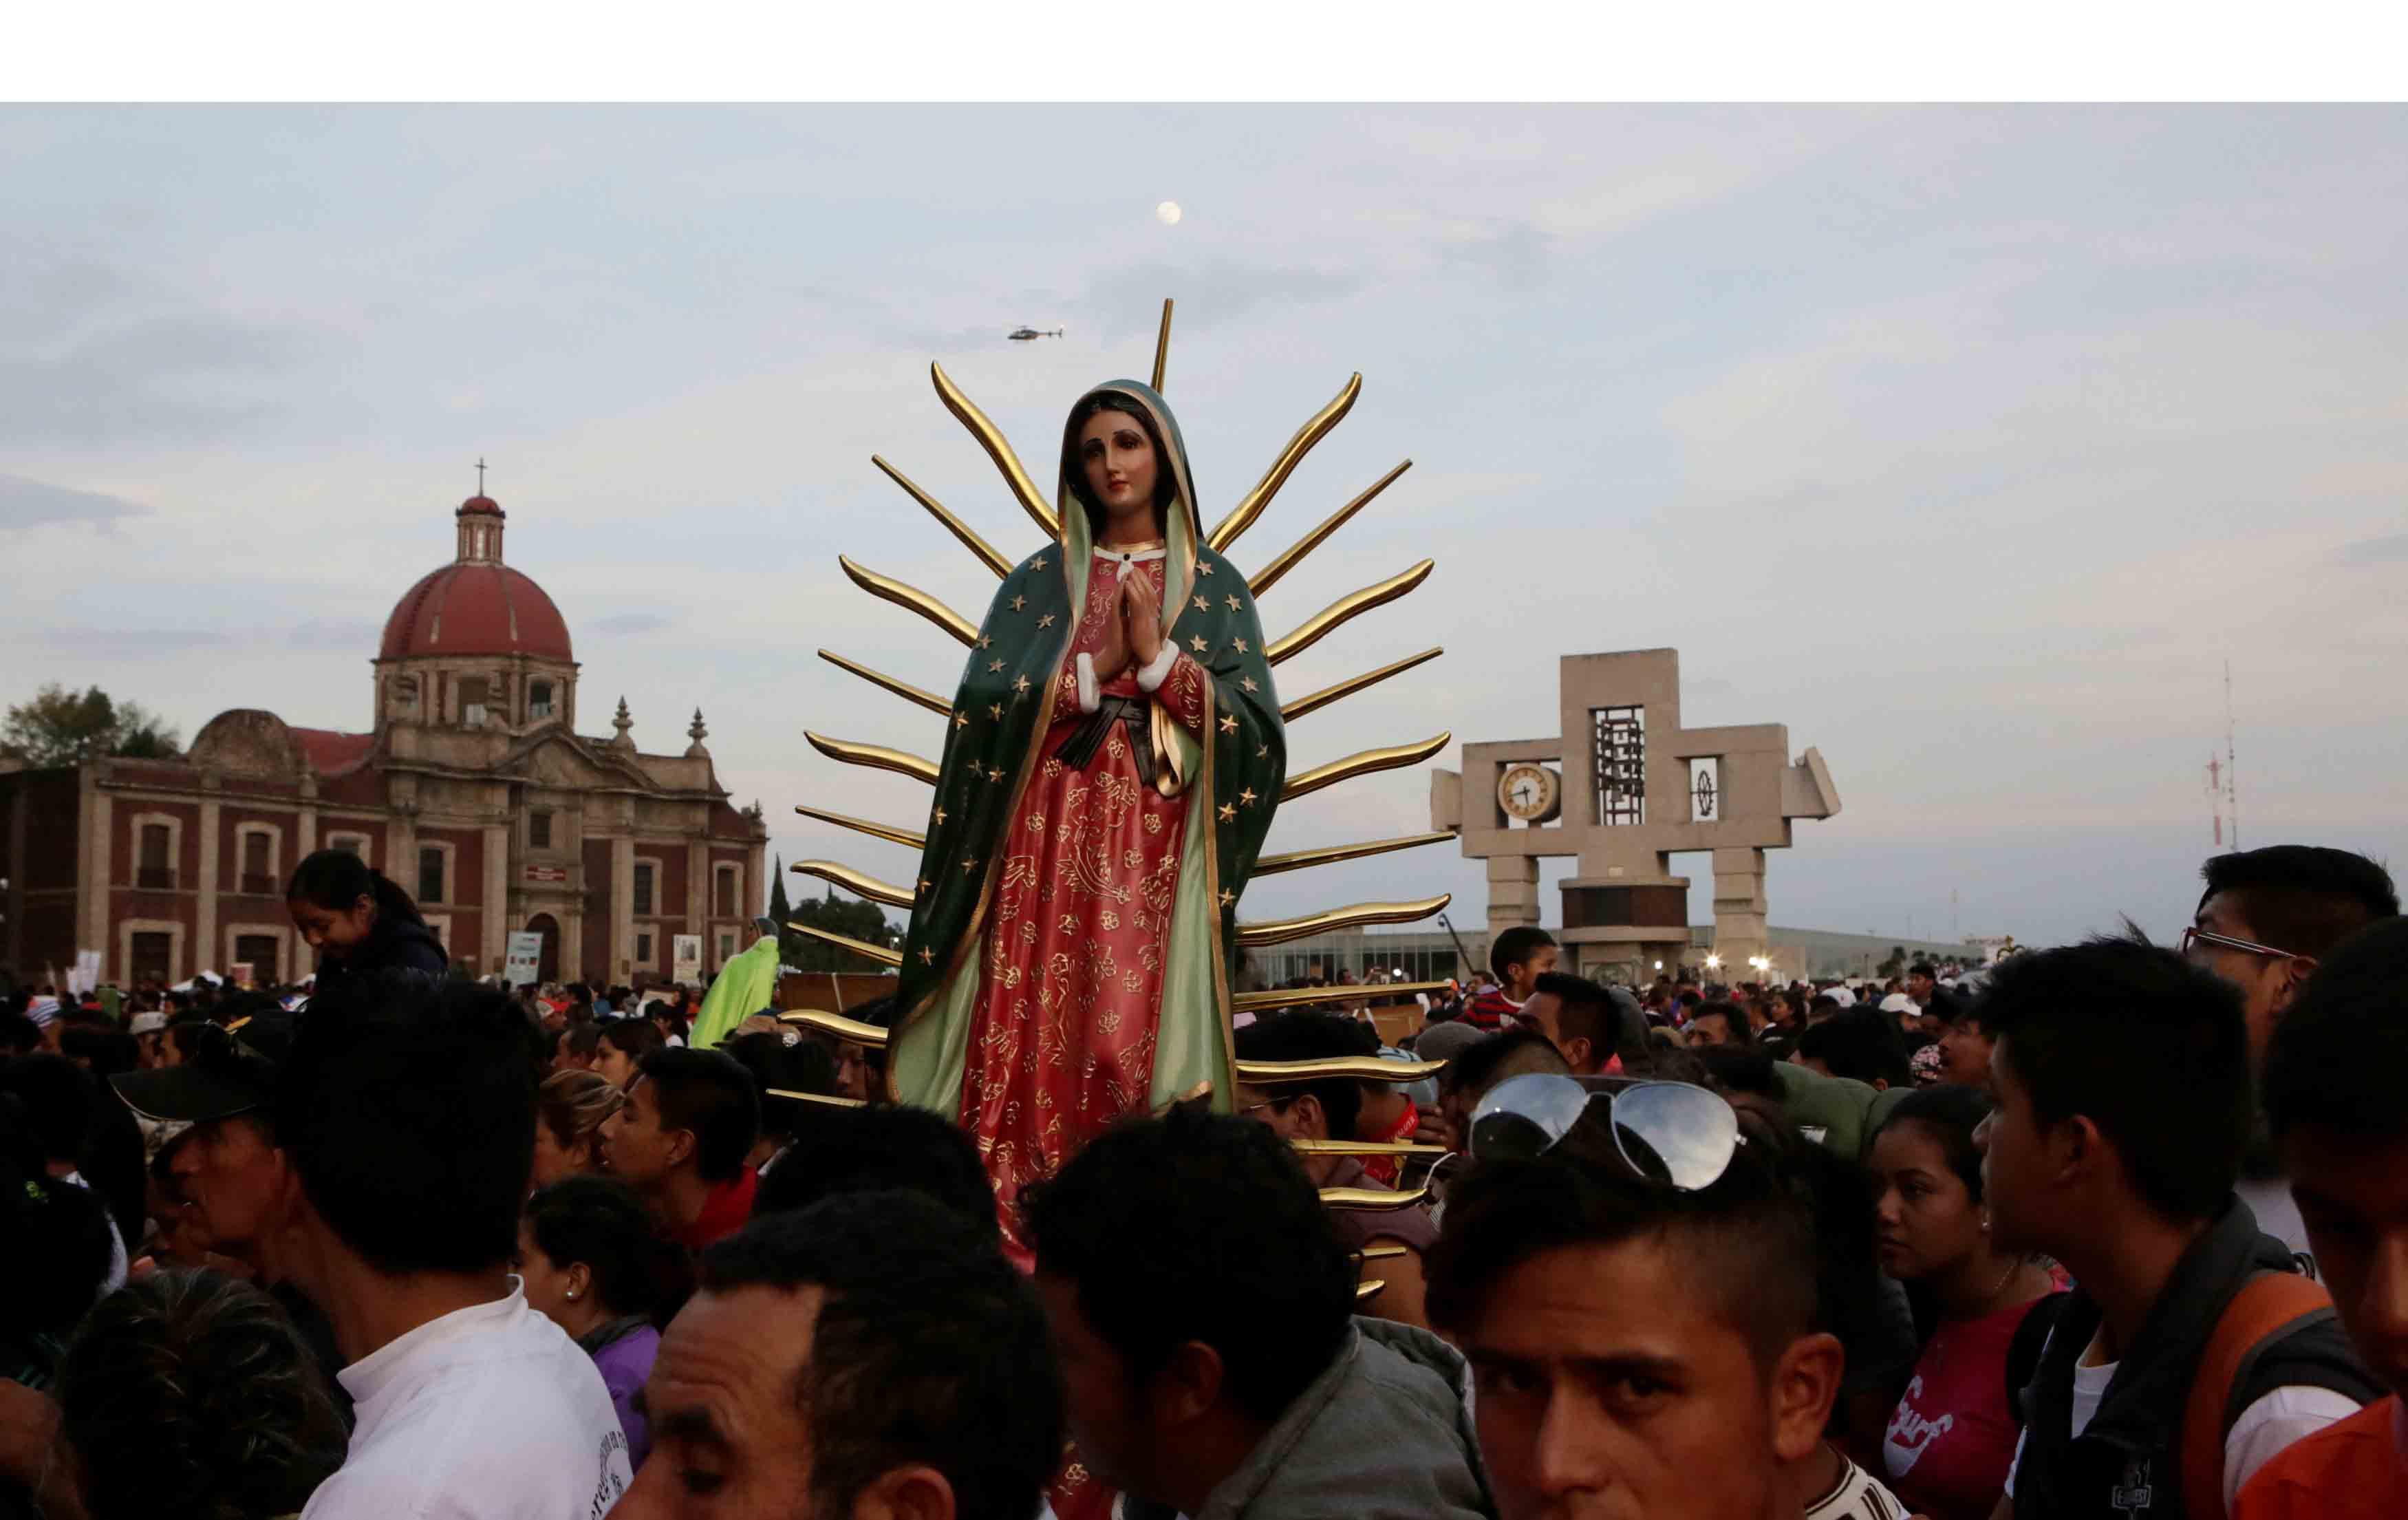 Este 12 de diciembre millones de feligreses se acercaron a la basílica de la Virgen de Guadalupe para cantarle las mañanitas celebrando los 485 años de su aparición